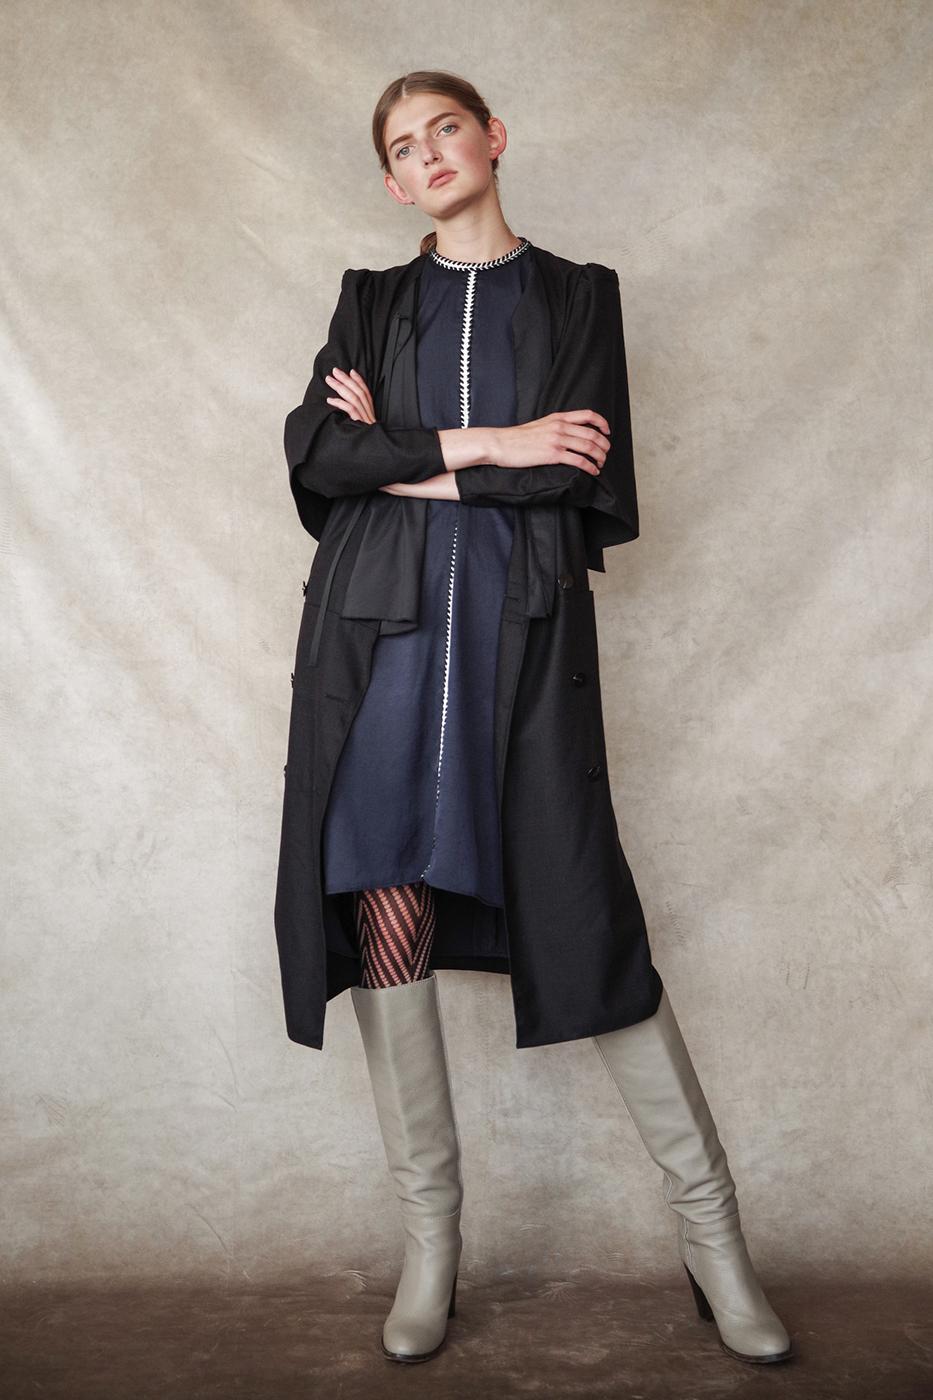 192029 Coat dress ¥46,000, 192056 Dress ¥34,000